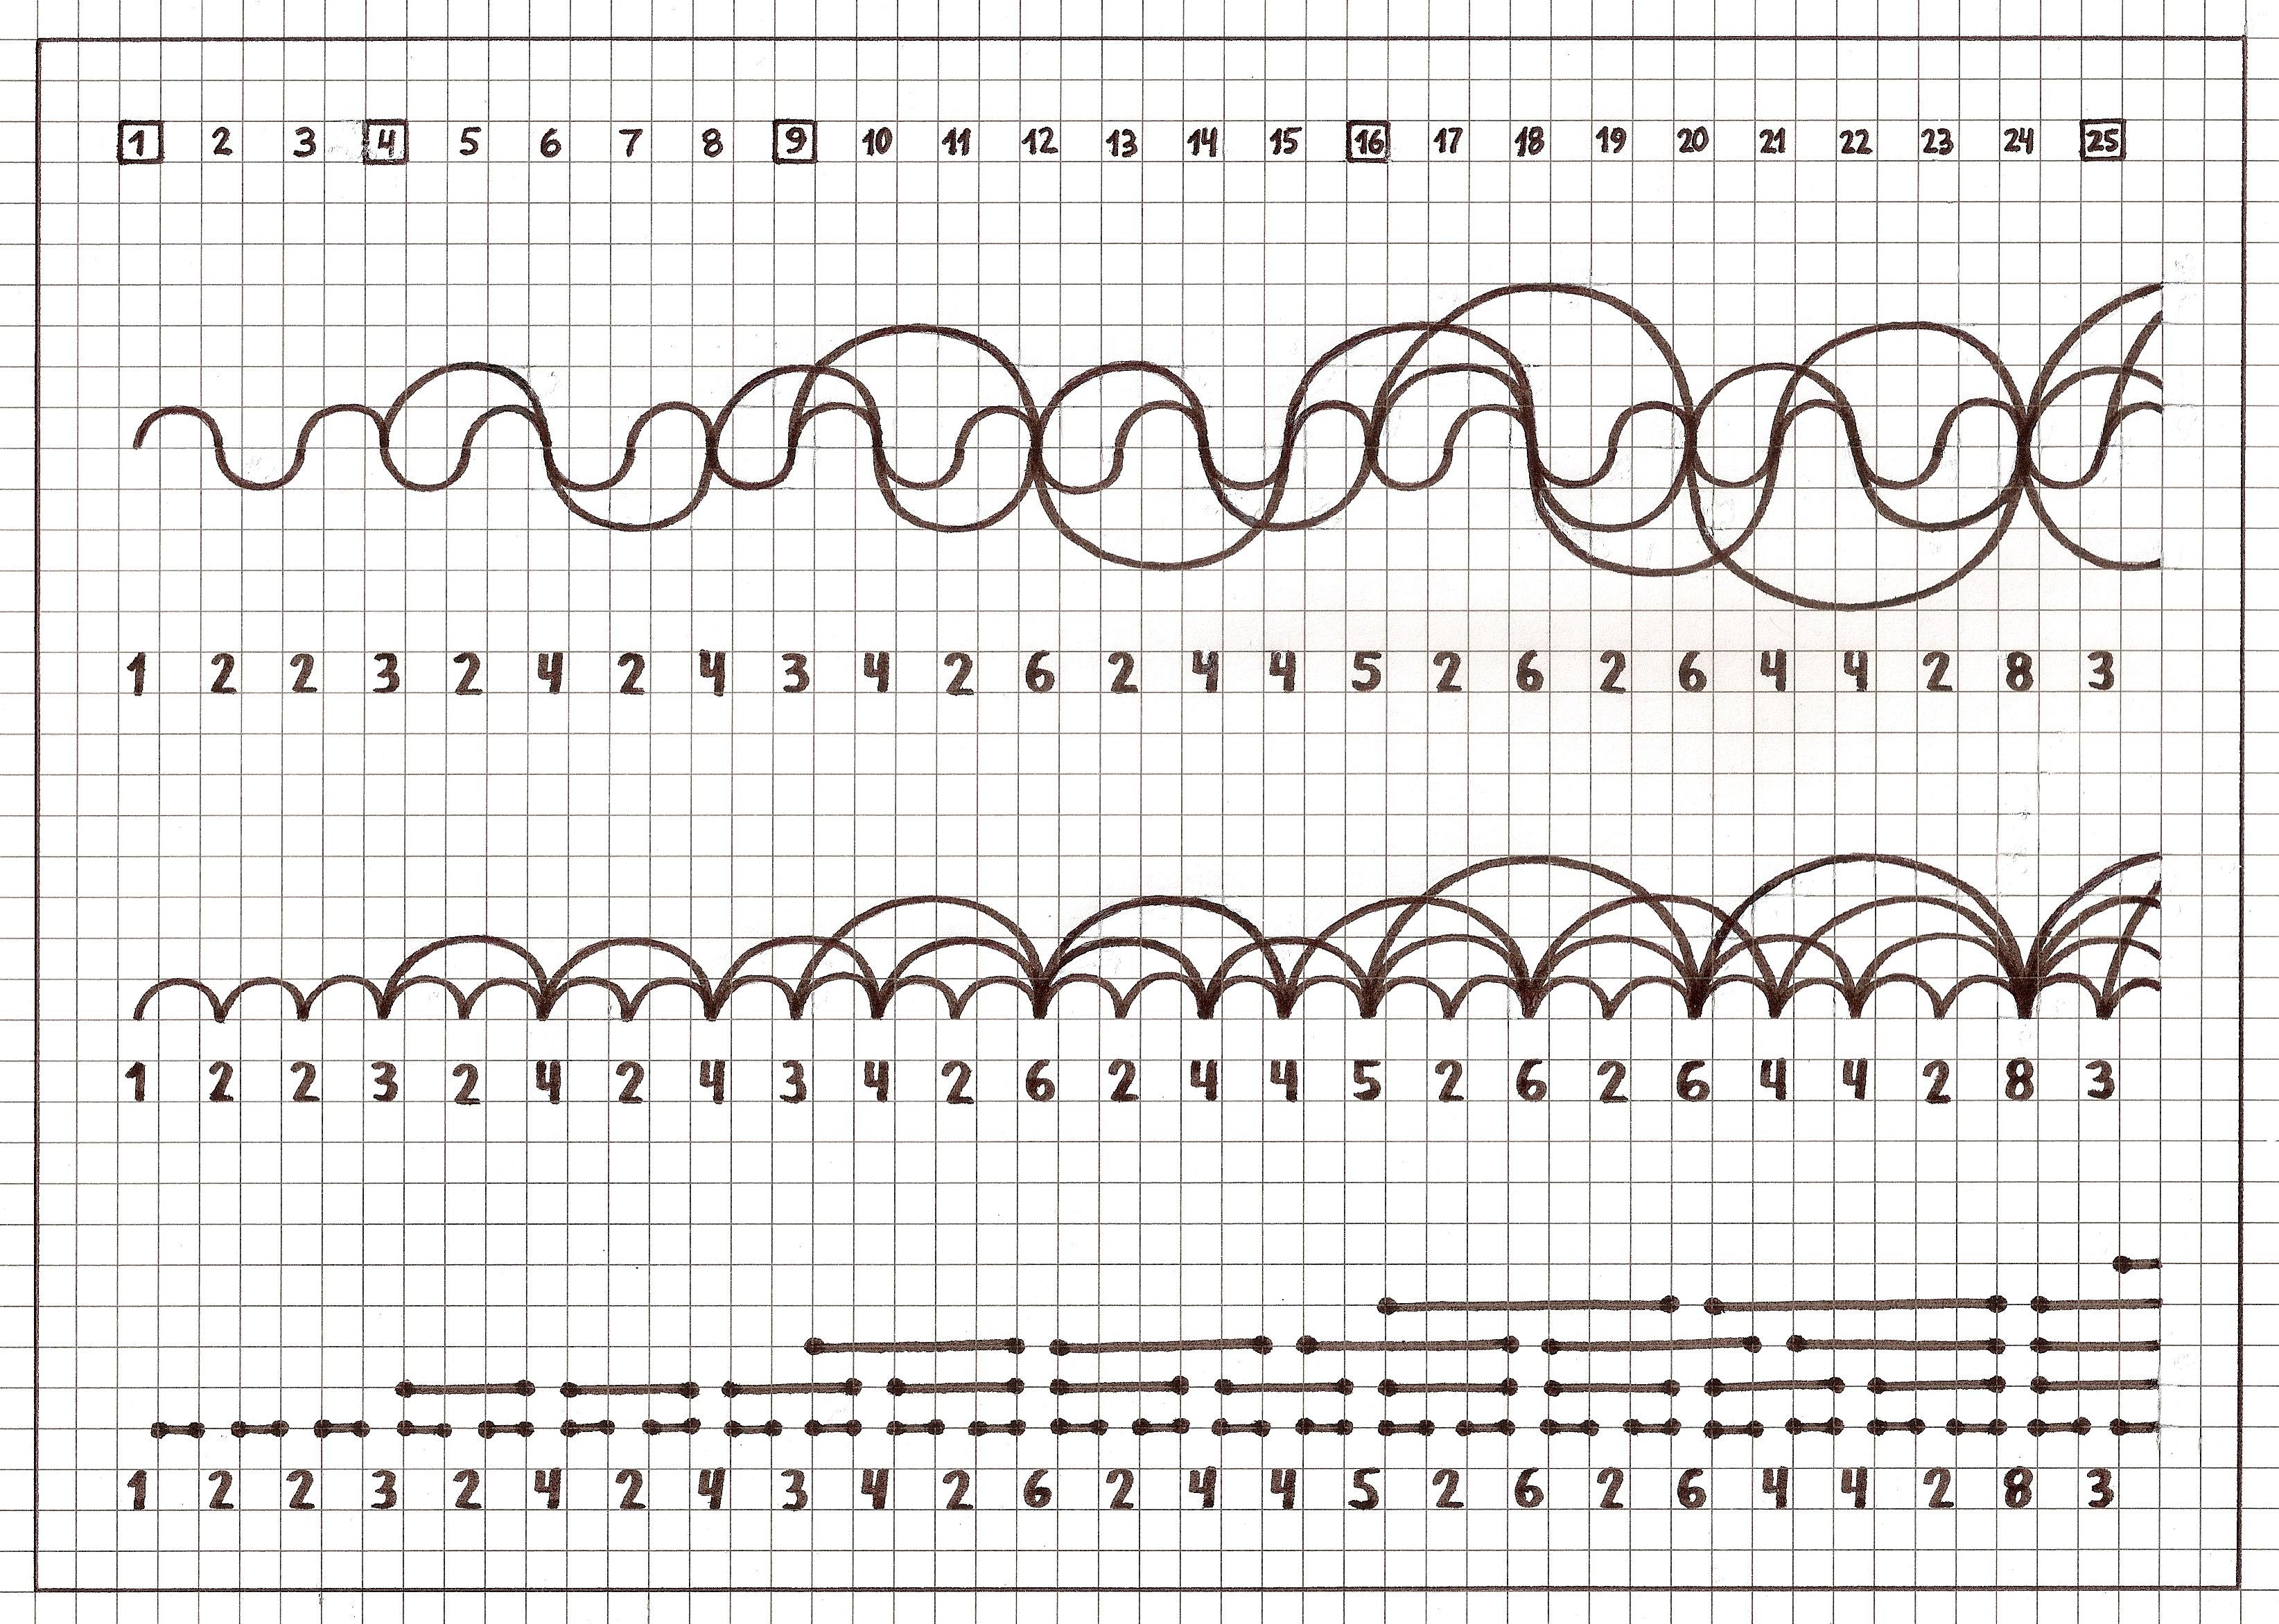 ... figure 6 (a, b, c), ...